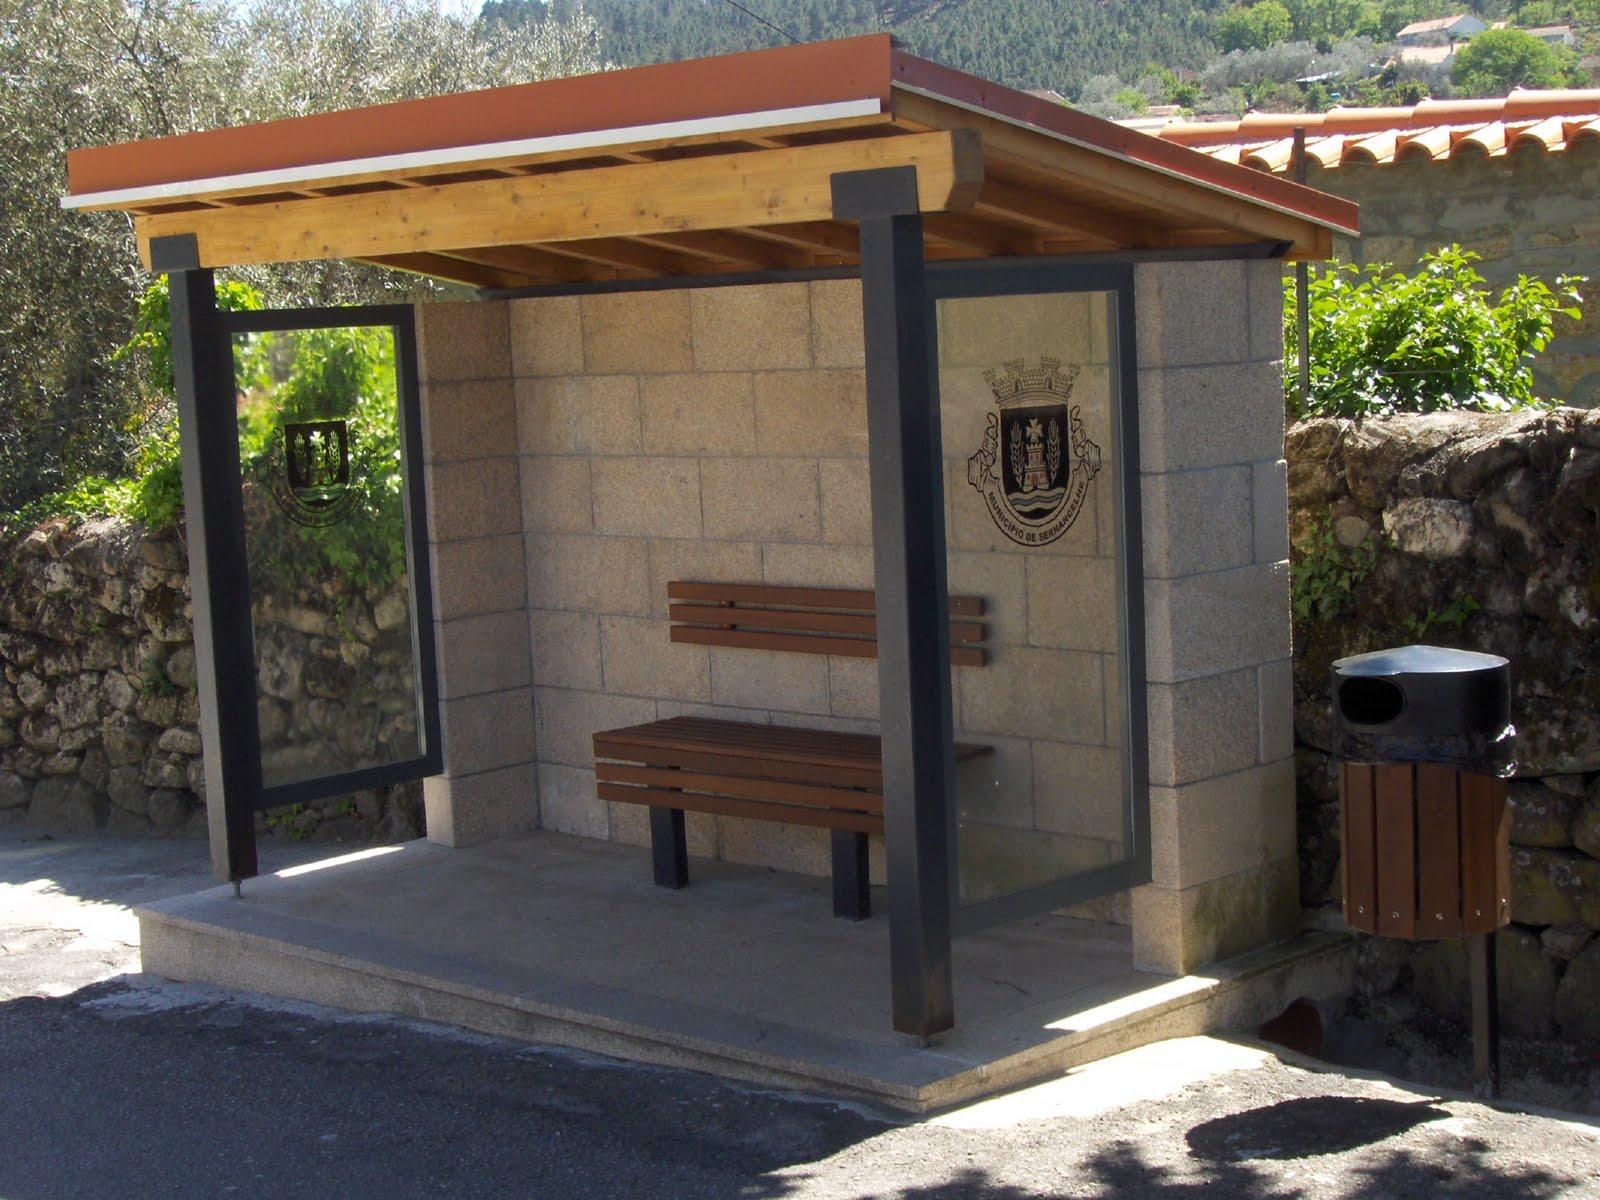 mobiliario urbano jardim : mobiliario urbano jardim:Mobiferp – mobiliário urbano: Abrigos, floreiras e bancos de jardim